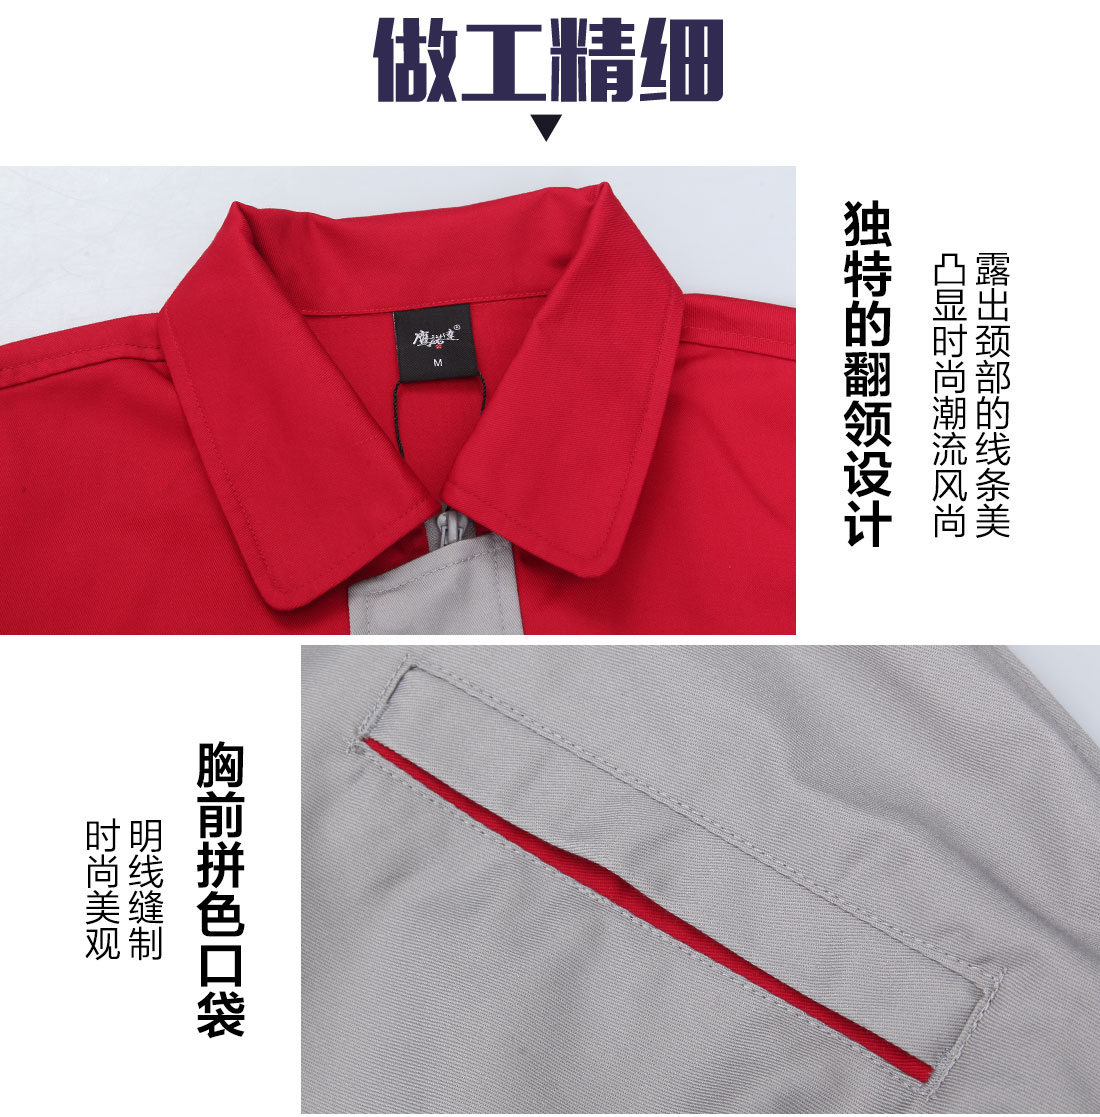 冬季棉服工作服领口和胸前细节展示.jpg